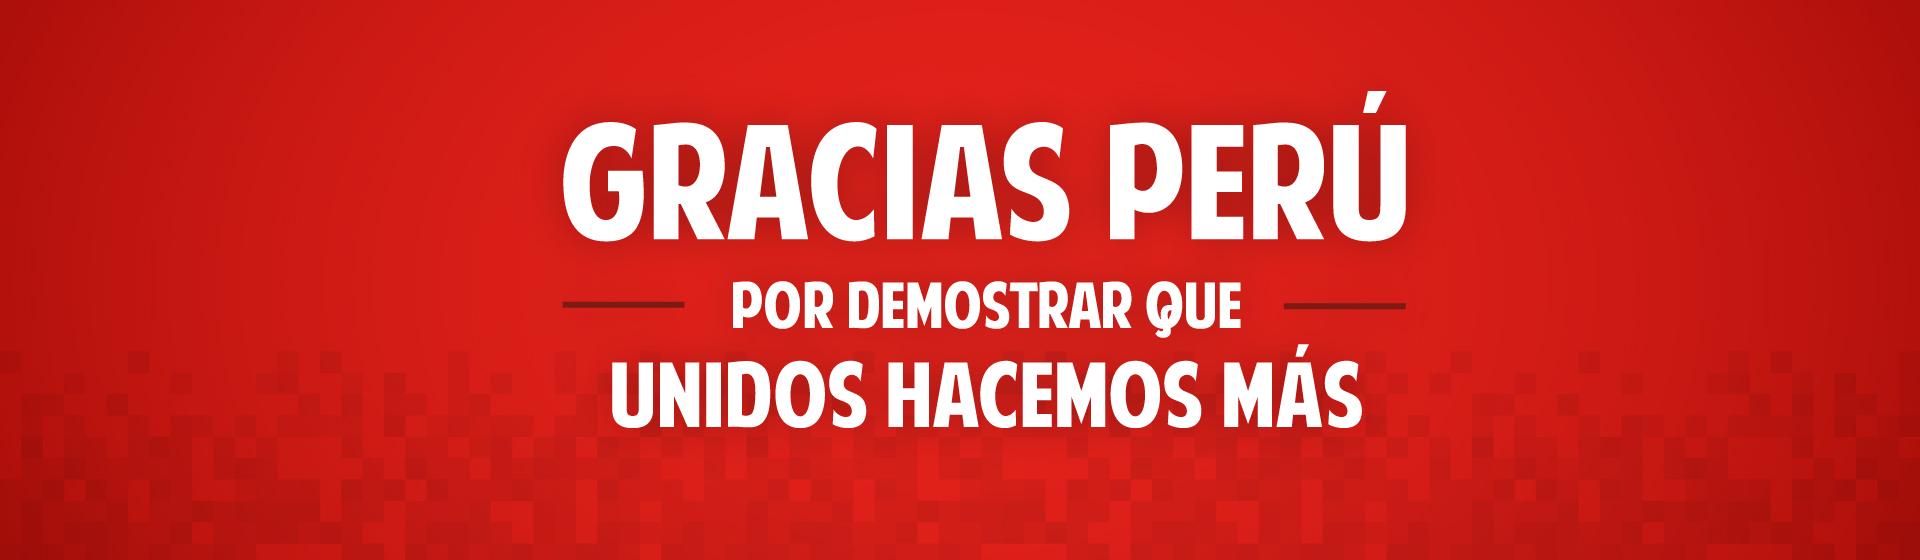 cover-gracias-peru